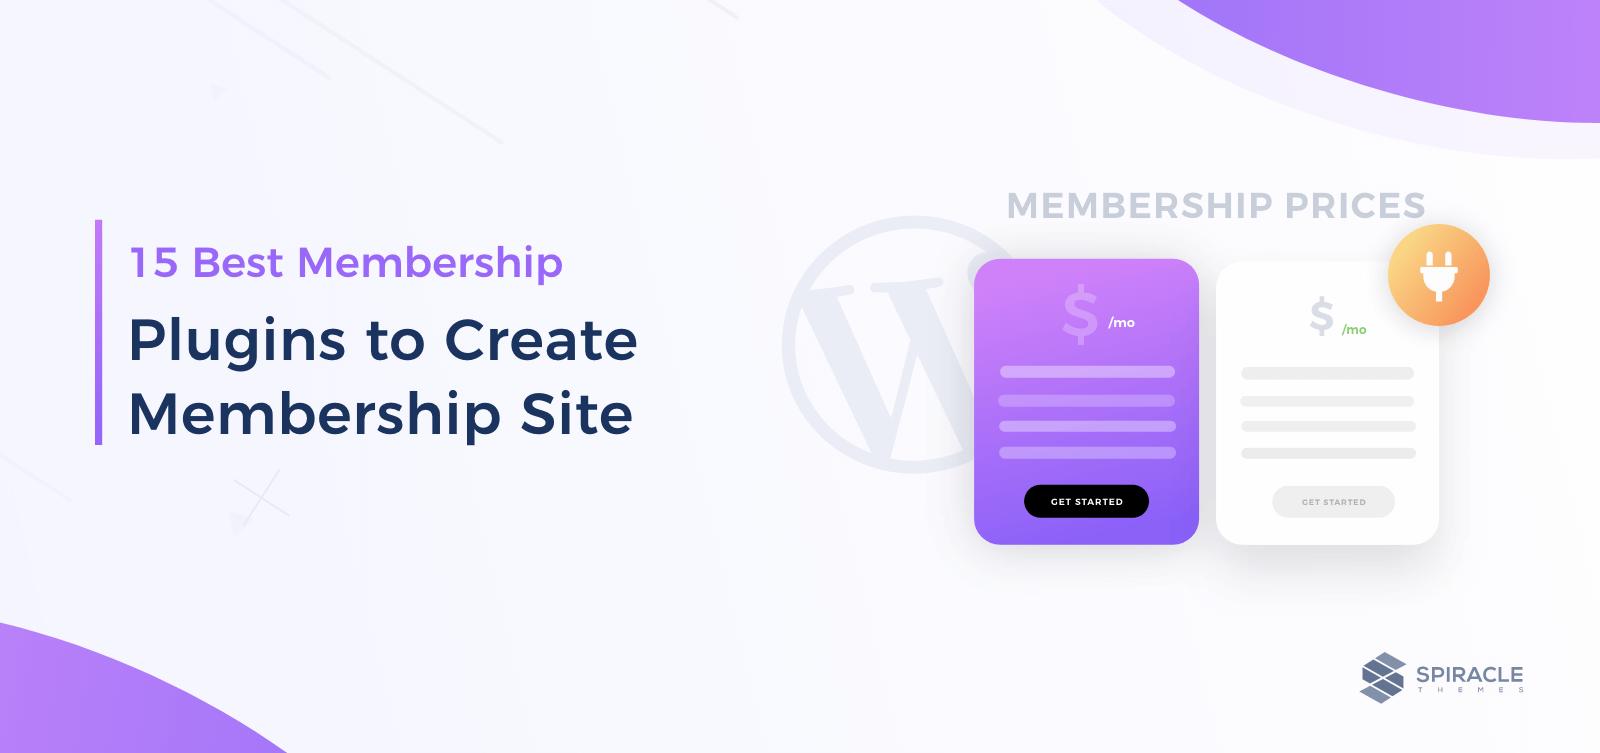 15 Best Membership Plugins